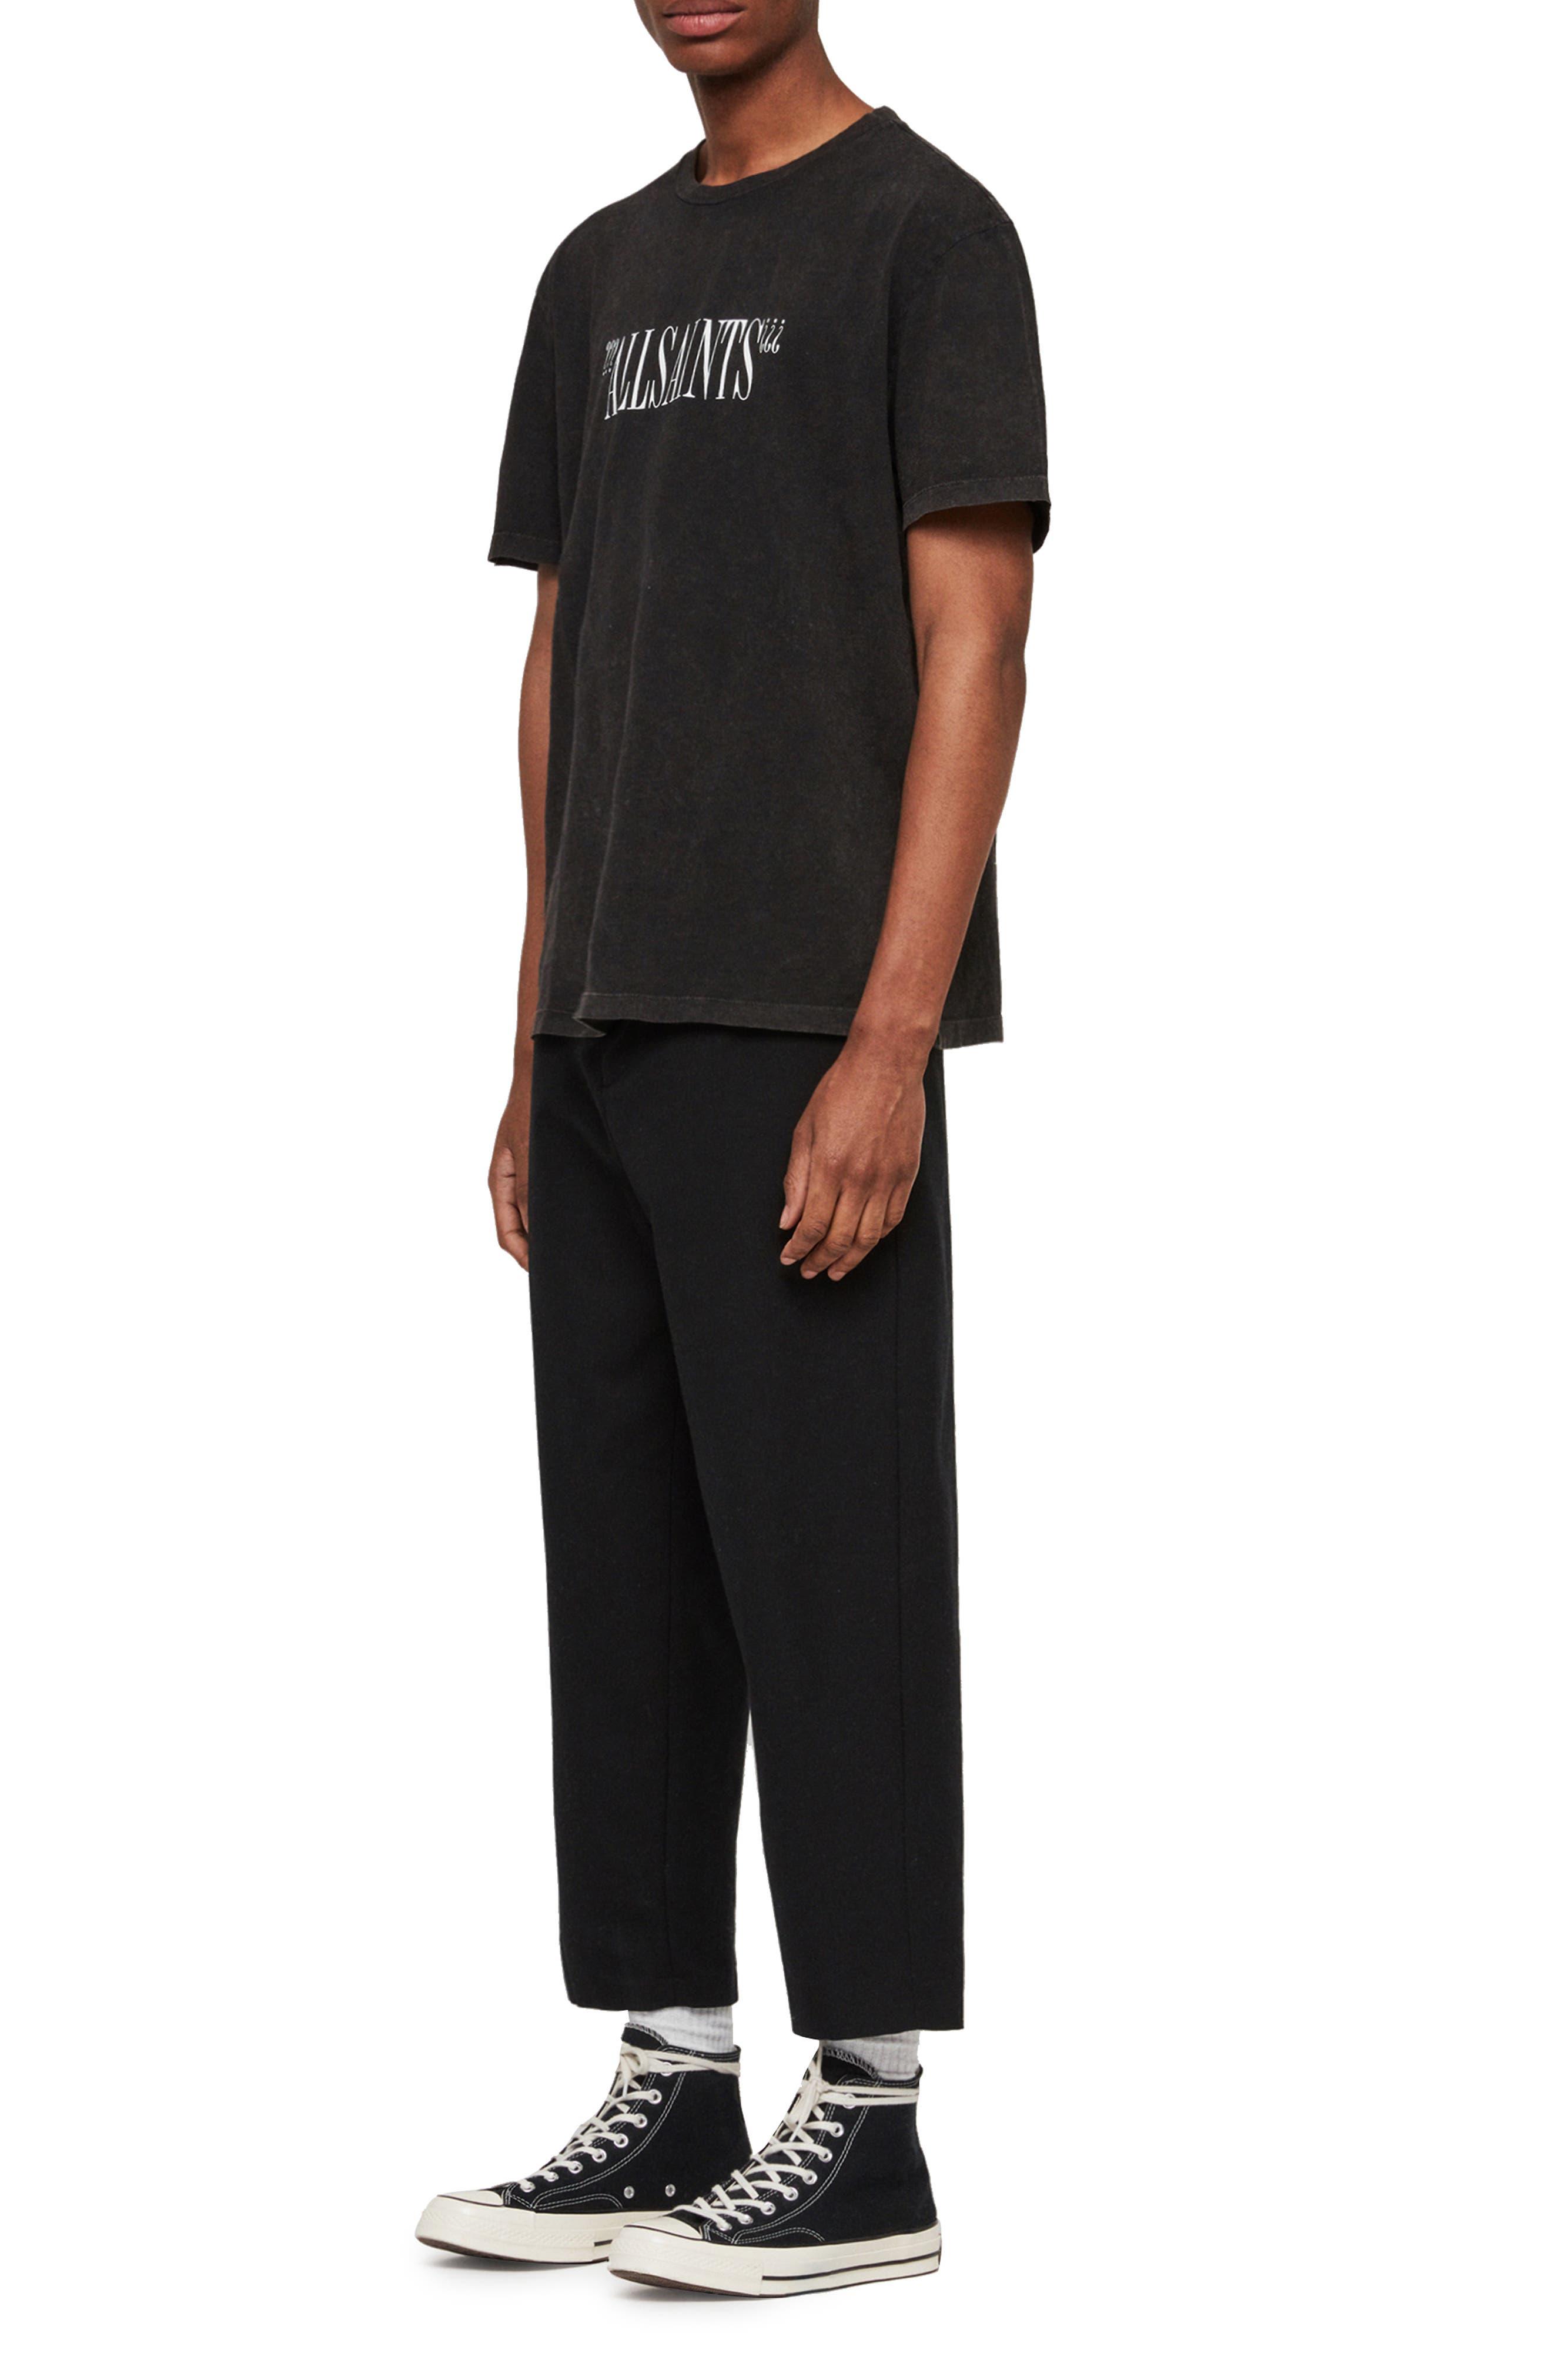 ALLSAINTS, Brackets Classic Fit Crewneck T-Shirt, Alternate thumbnail 5, color, ACID WASHED BLACK